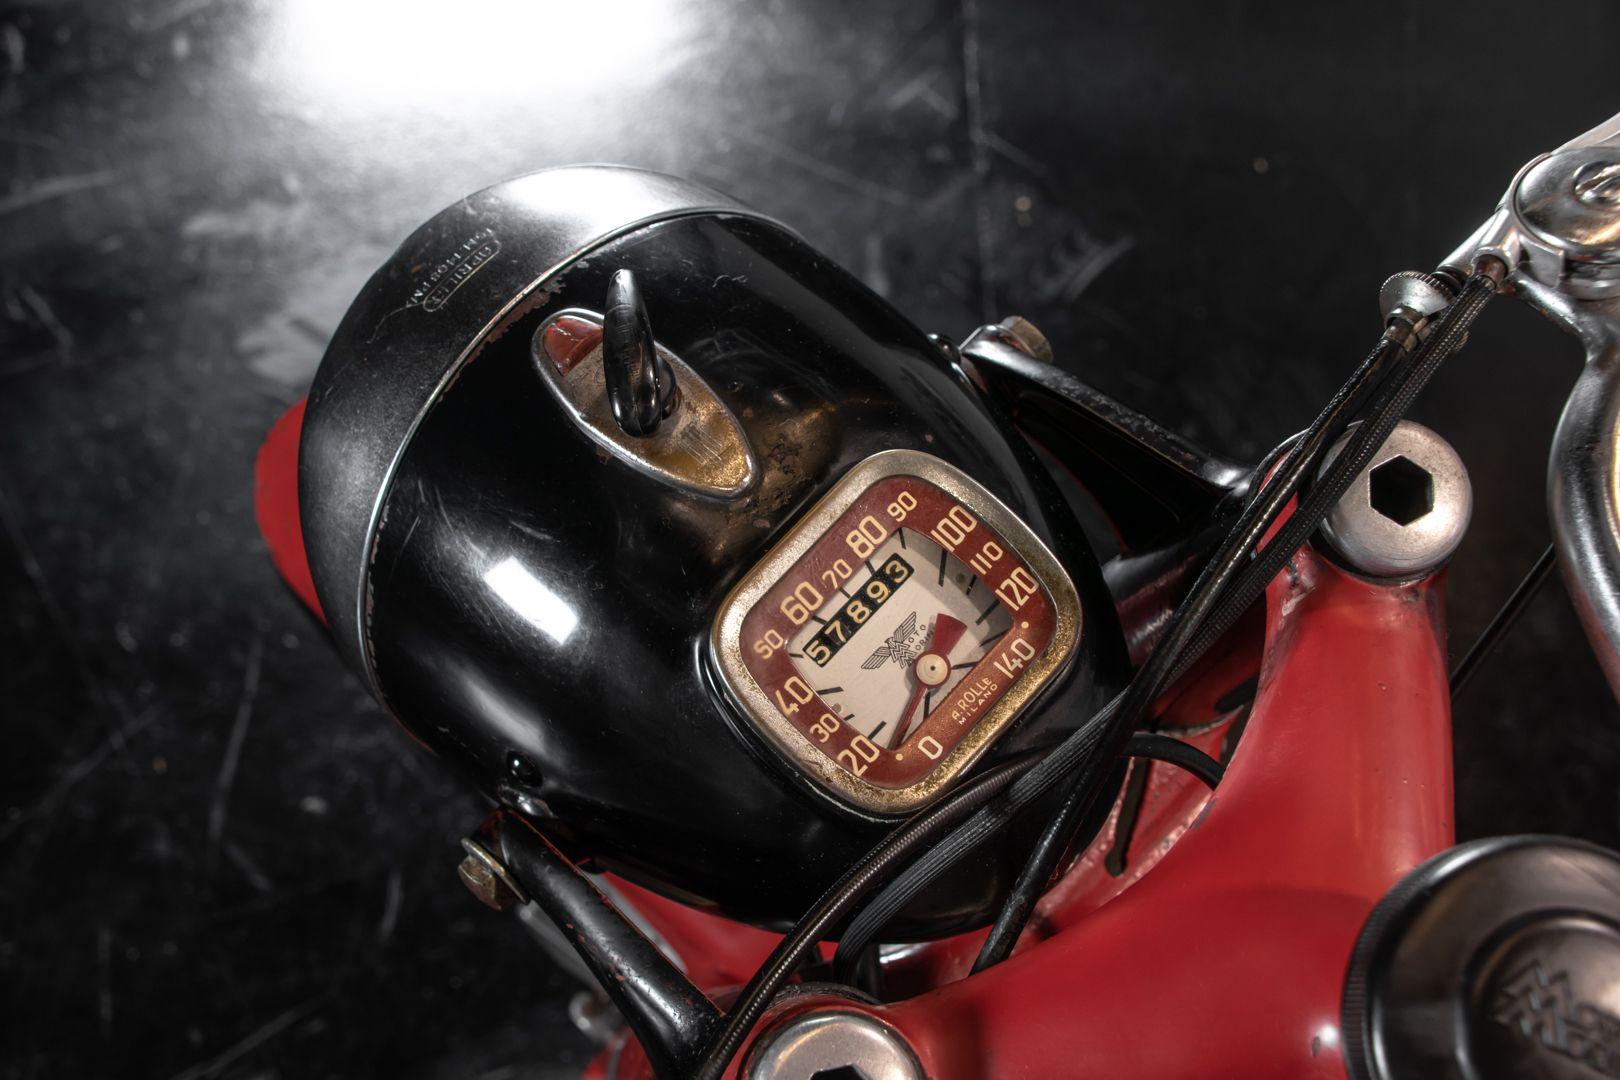 1957 Moto Morini GT 175 78755